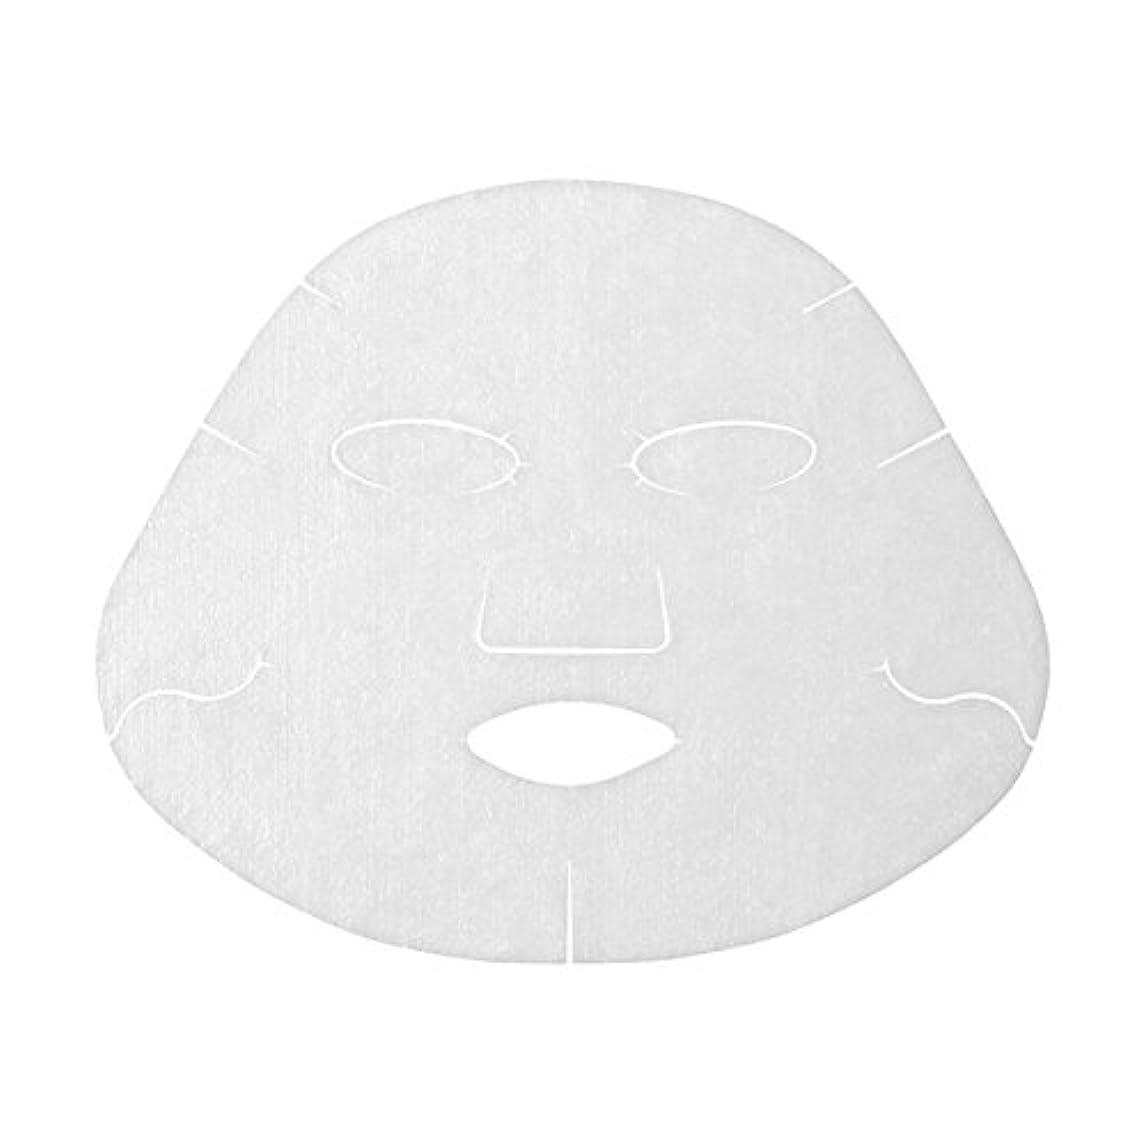 実装するインレイキャンプアクアレーベル リセットホワイトマスク <1枚入り> 18mL×1枚 【医薬部外品】